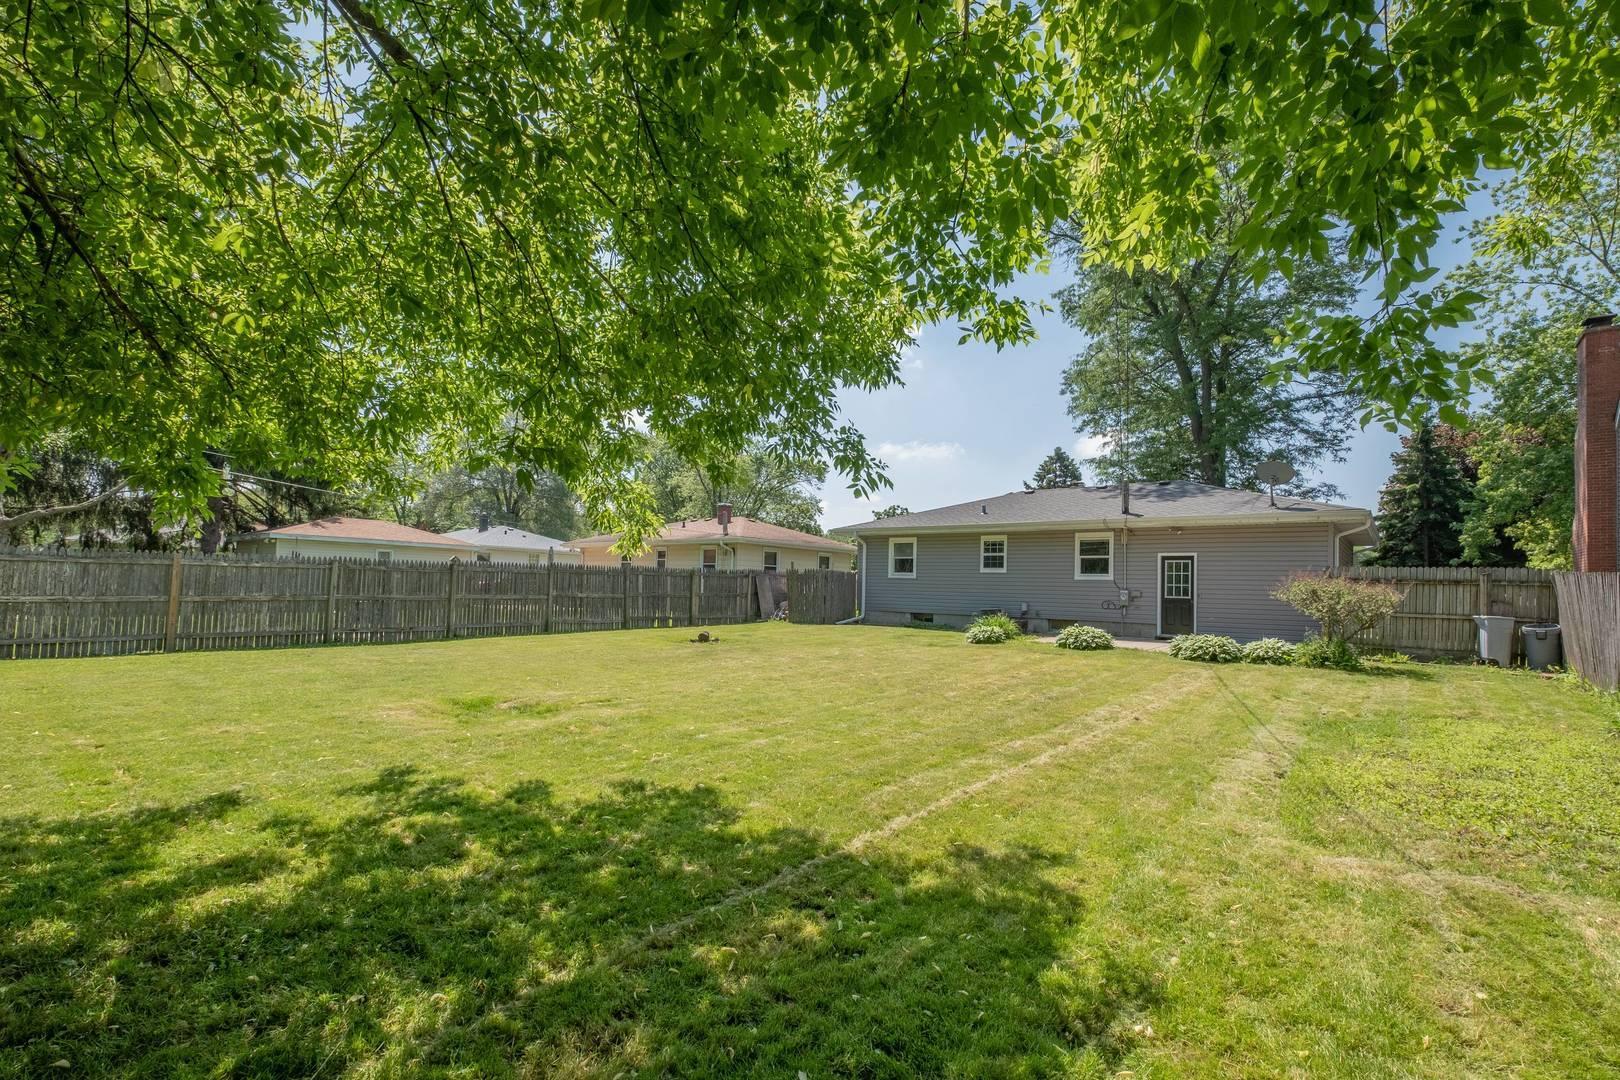 437 North Park, AURORA, Illinois, 60506